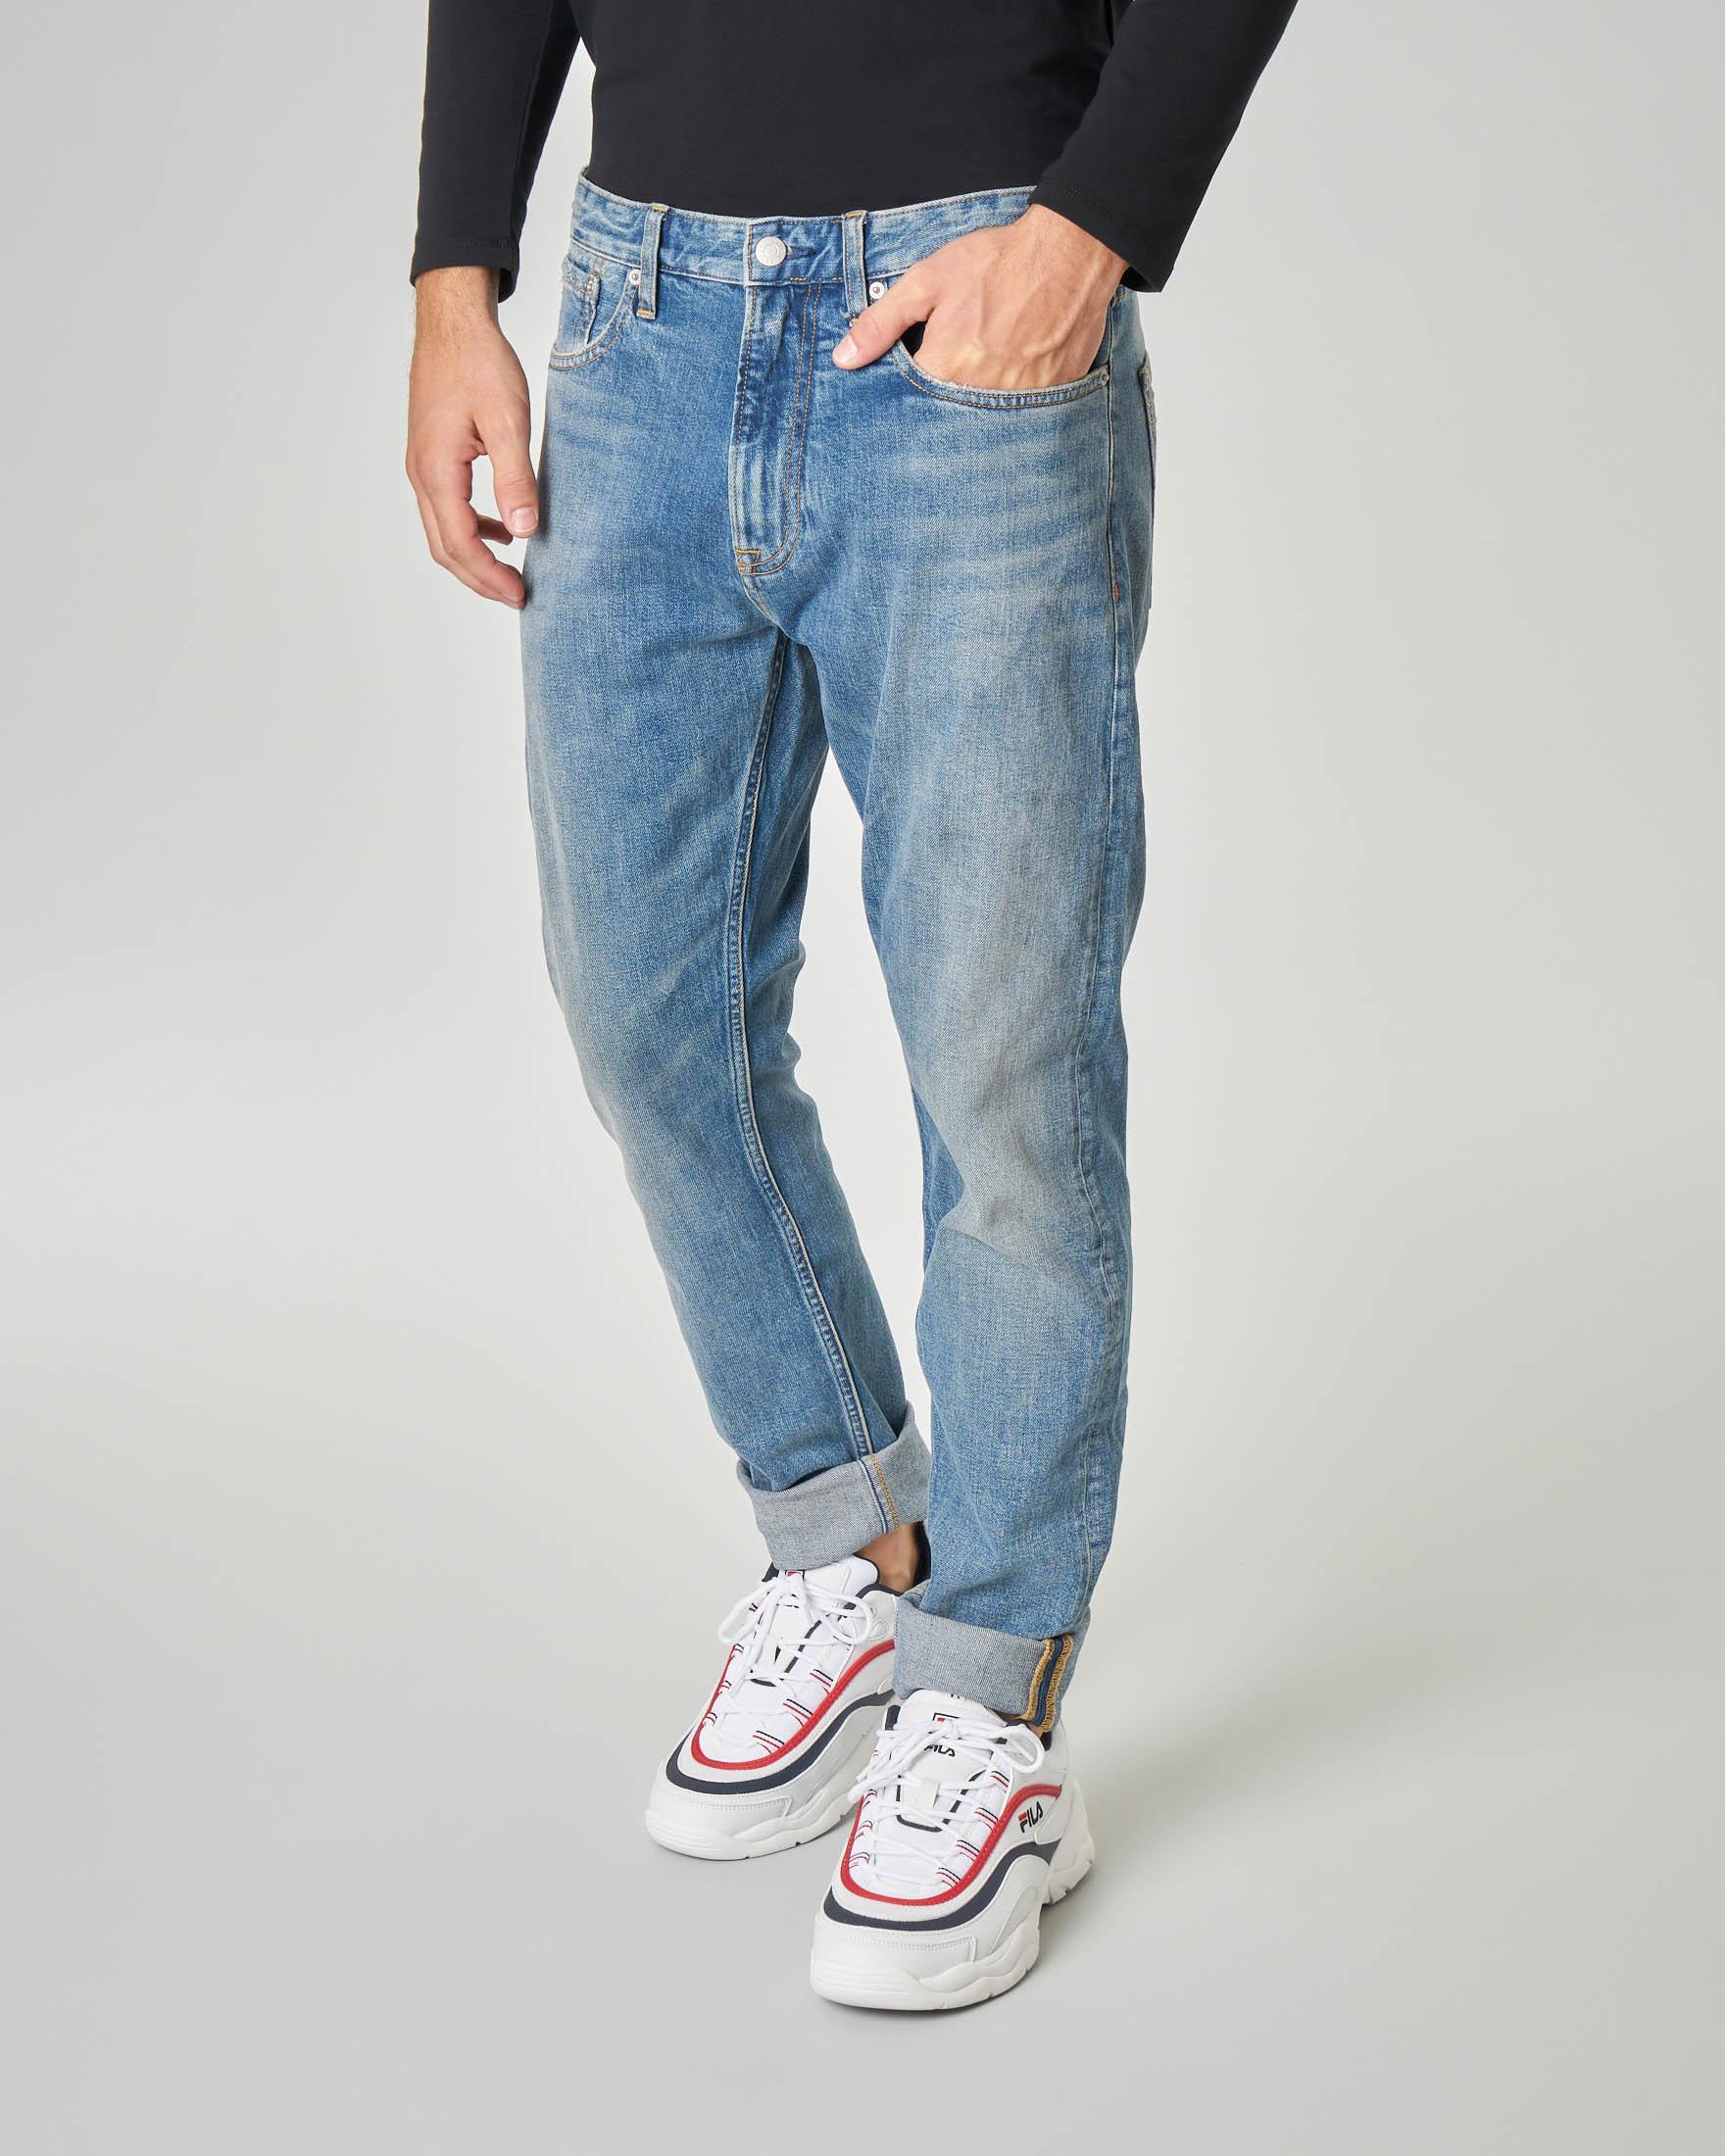 Jeans tapered lavaggio super stone wash